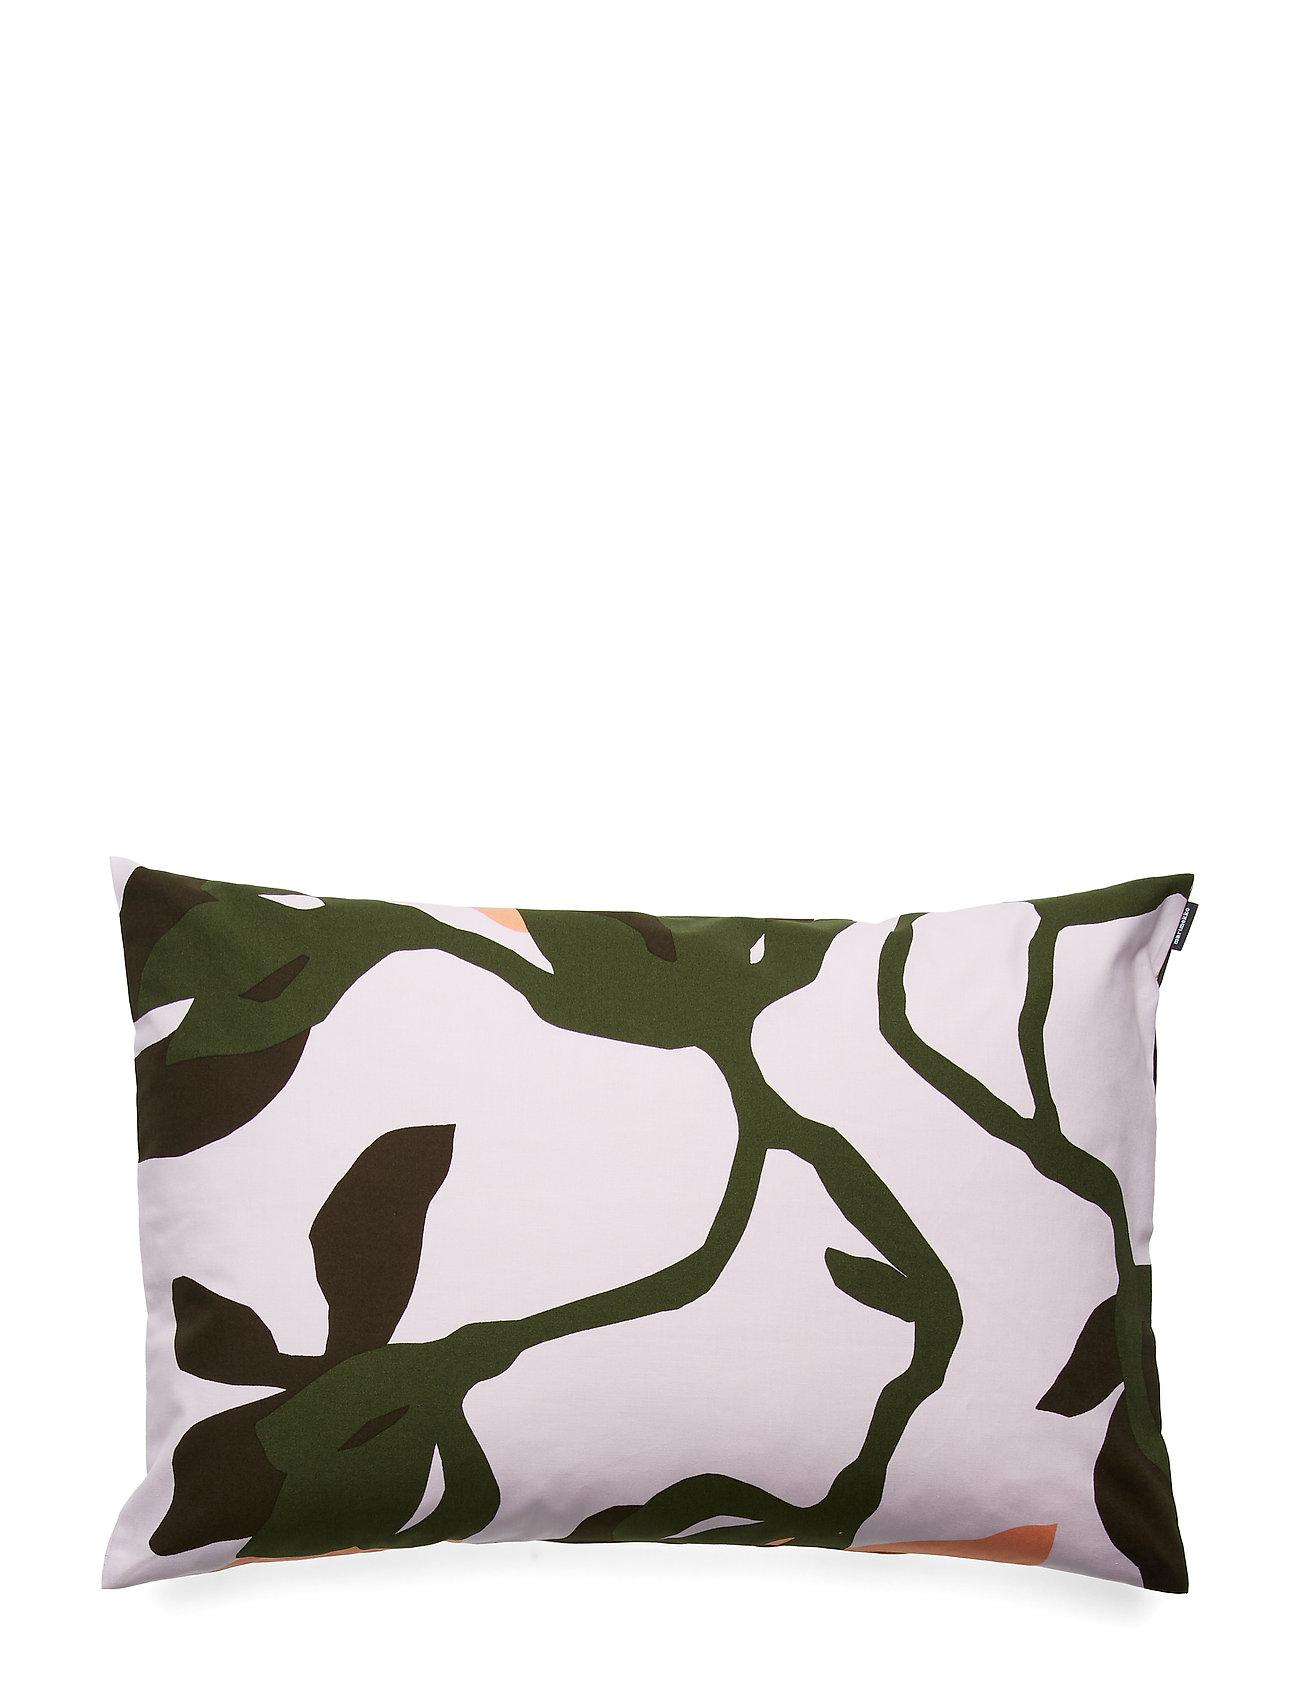 Marimekko Home MIELITTY CUSHION COVER - PINK, PEACH, GREEN